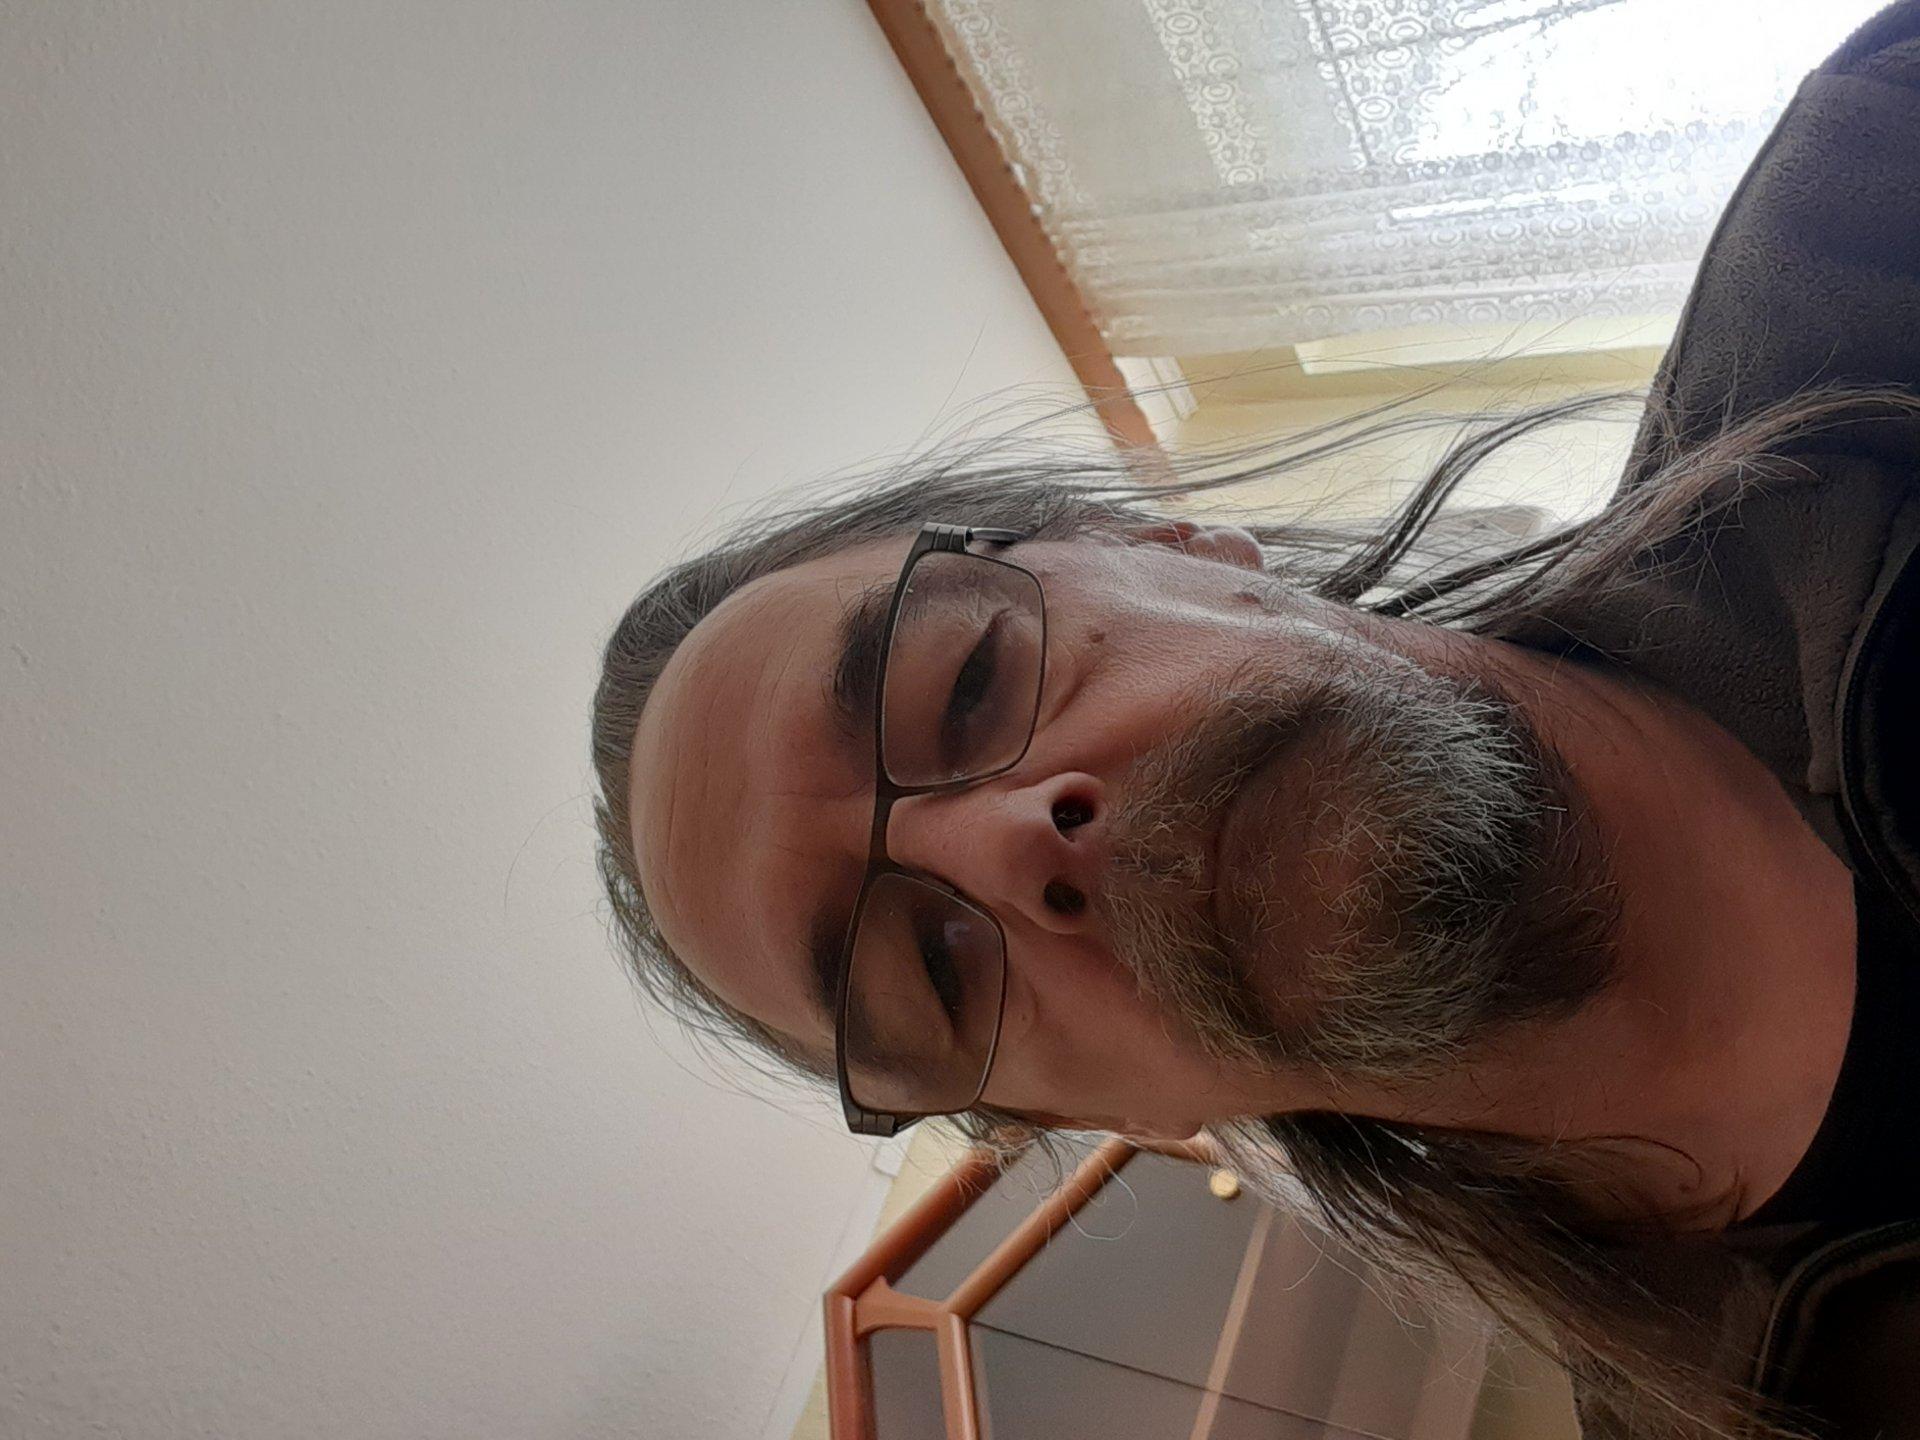 Jochen 00 aus Nordrhein-Westfalen,Deutschland